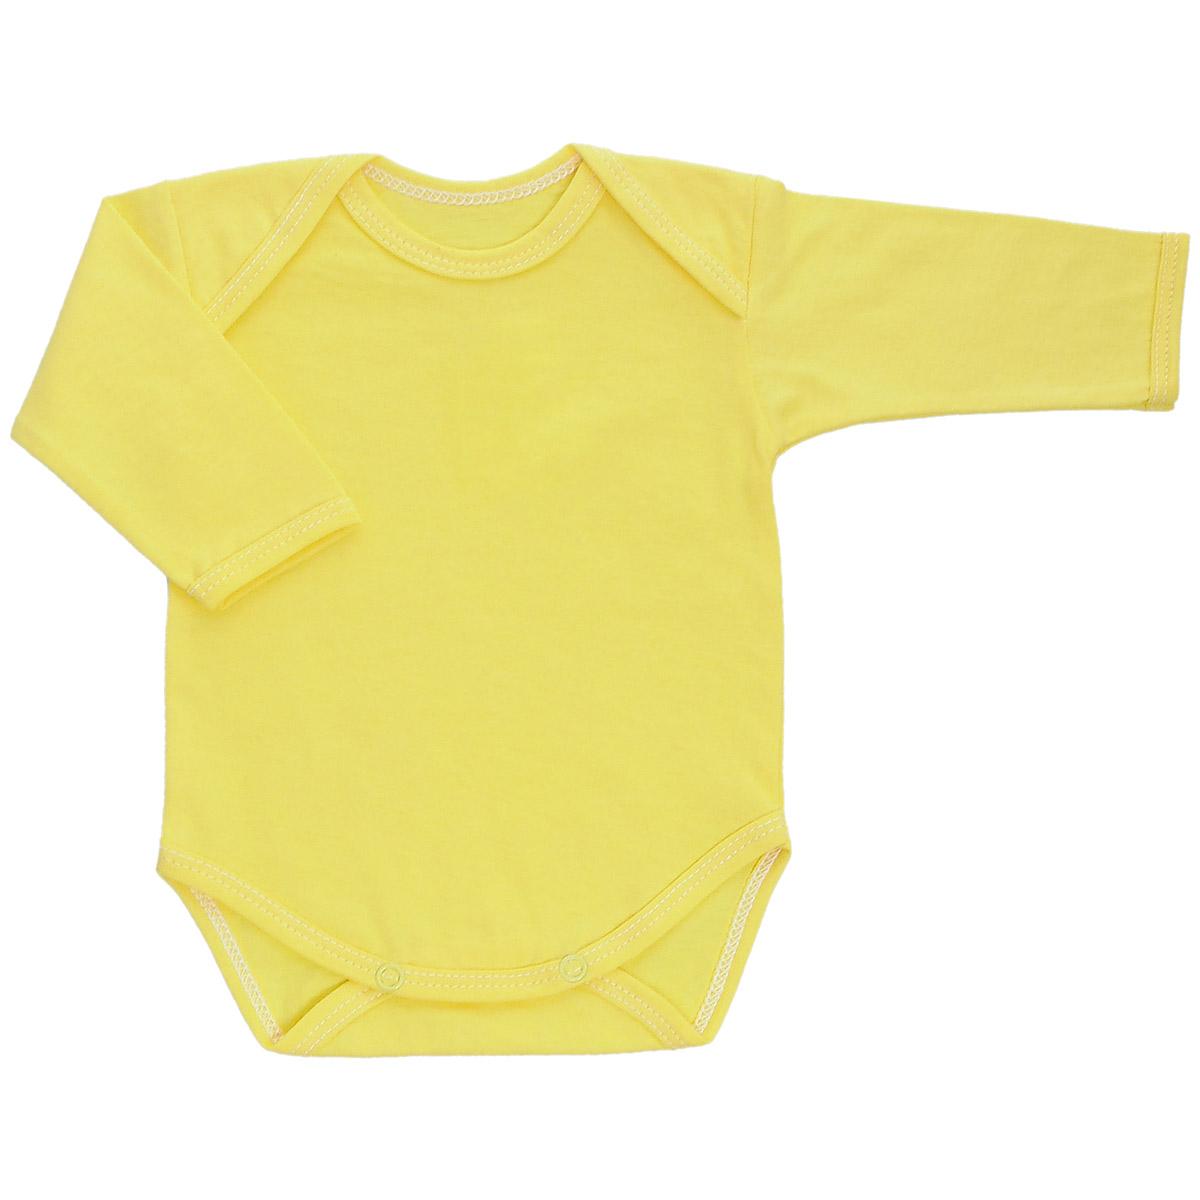 Боди детское Трон-Плюс, цвет: желтый. 5861. Размер 80, 12 месяцев5861Детское боди Трон-плюс с длинными рукавами послужит идеальным дополнением к гардеробу вашего ребенка, обеспечивая ему наибольший комфорт. Боди изготовлено из кулирного полотна -натурального хлопка, благодаря чему оно необычайно мягкое и легкое, не раздражает нежную кожу ребенка и хорошо вентилируется, а эластичные швы приятны телу младенца и не препятствуют его движениям. Удобные запахи на плечах и кнопки на ластовице помогают легко переодеть младенца или сменить подгузник. Боди полностью соответствует особенностям жизни ребенка в ранний период, не стесняя и не ограничивая его в движениях. В нем ваш ребенок всегда будет в центре внимания.